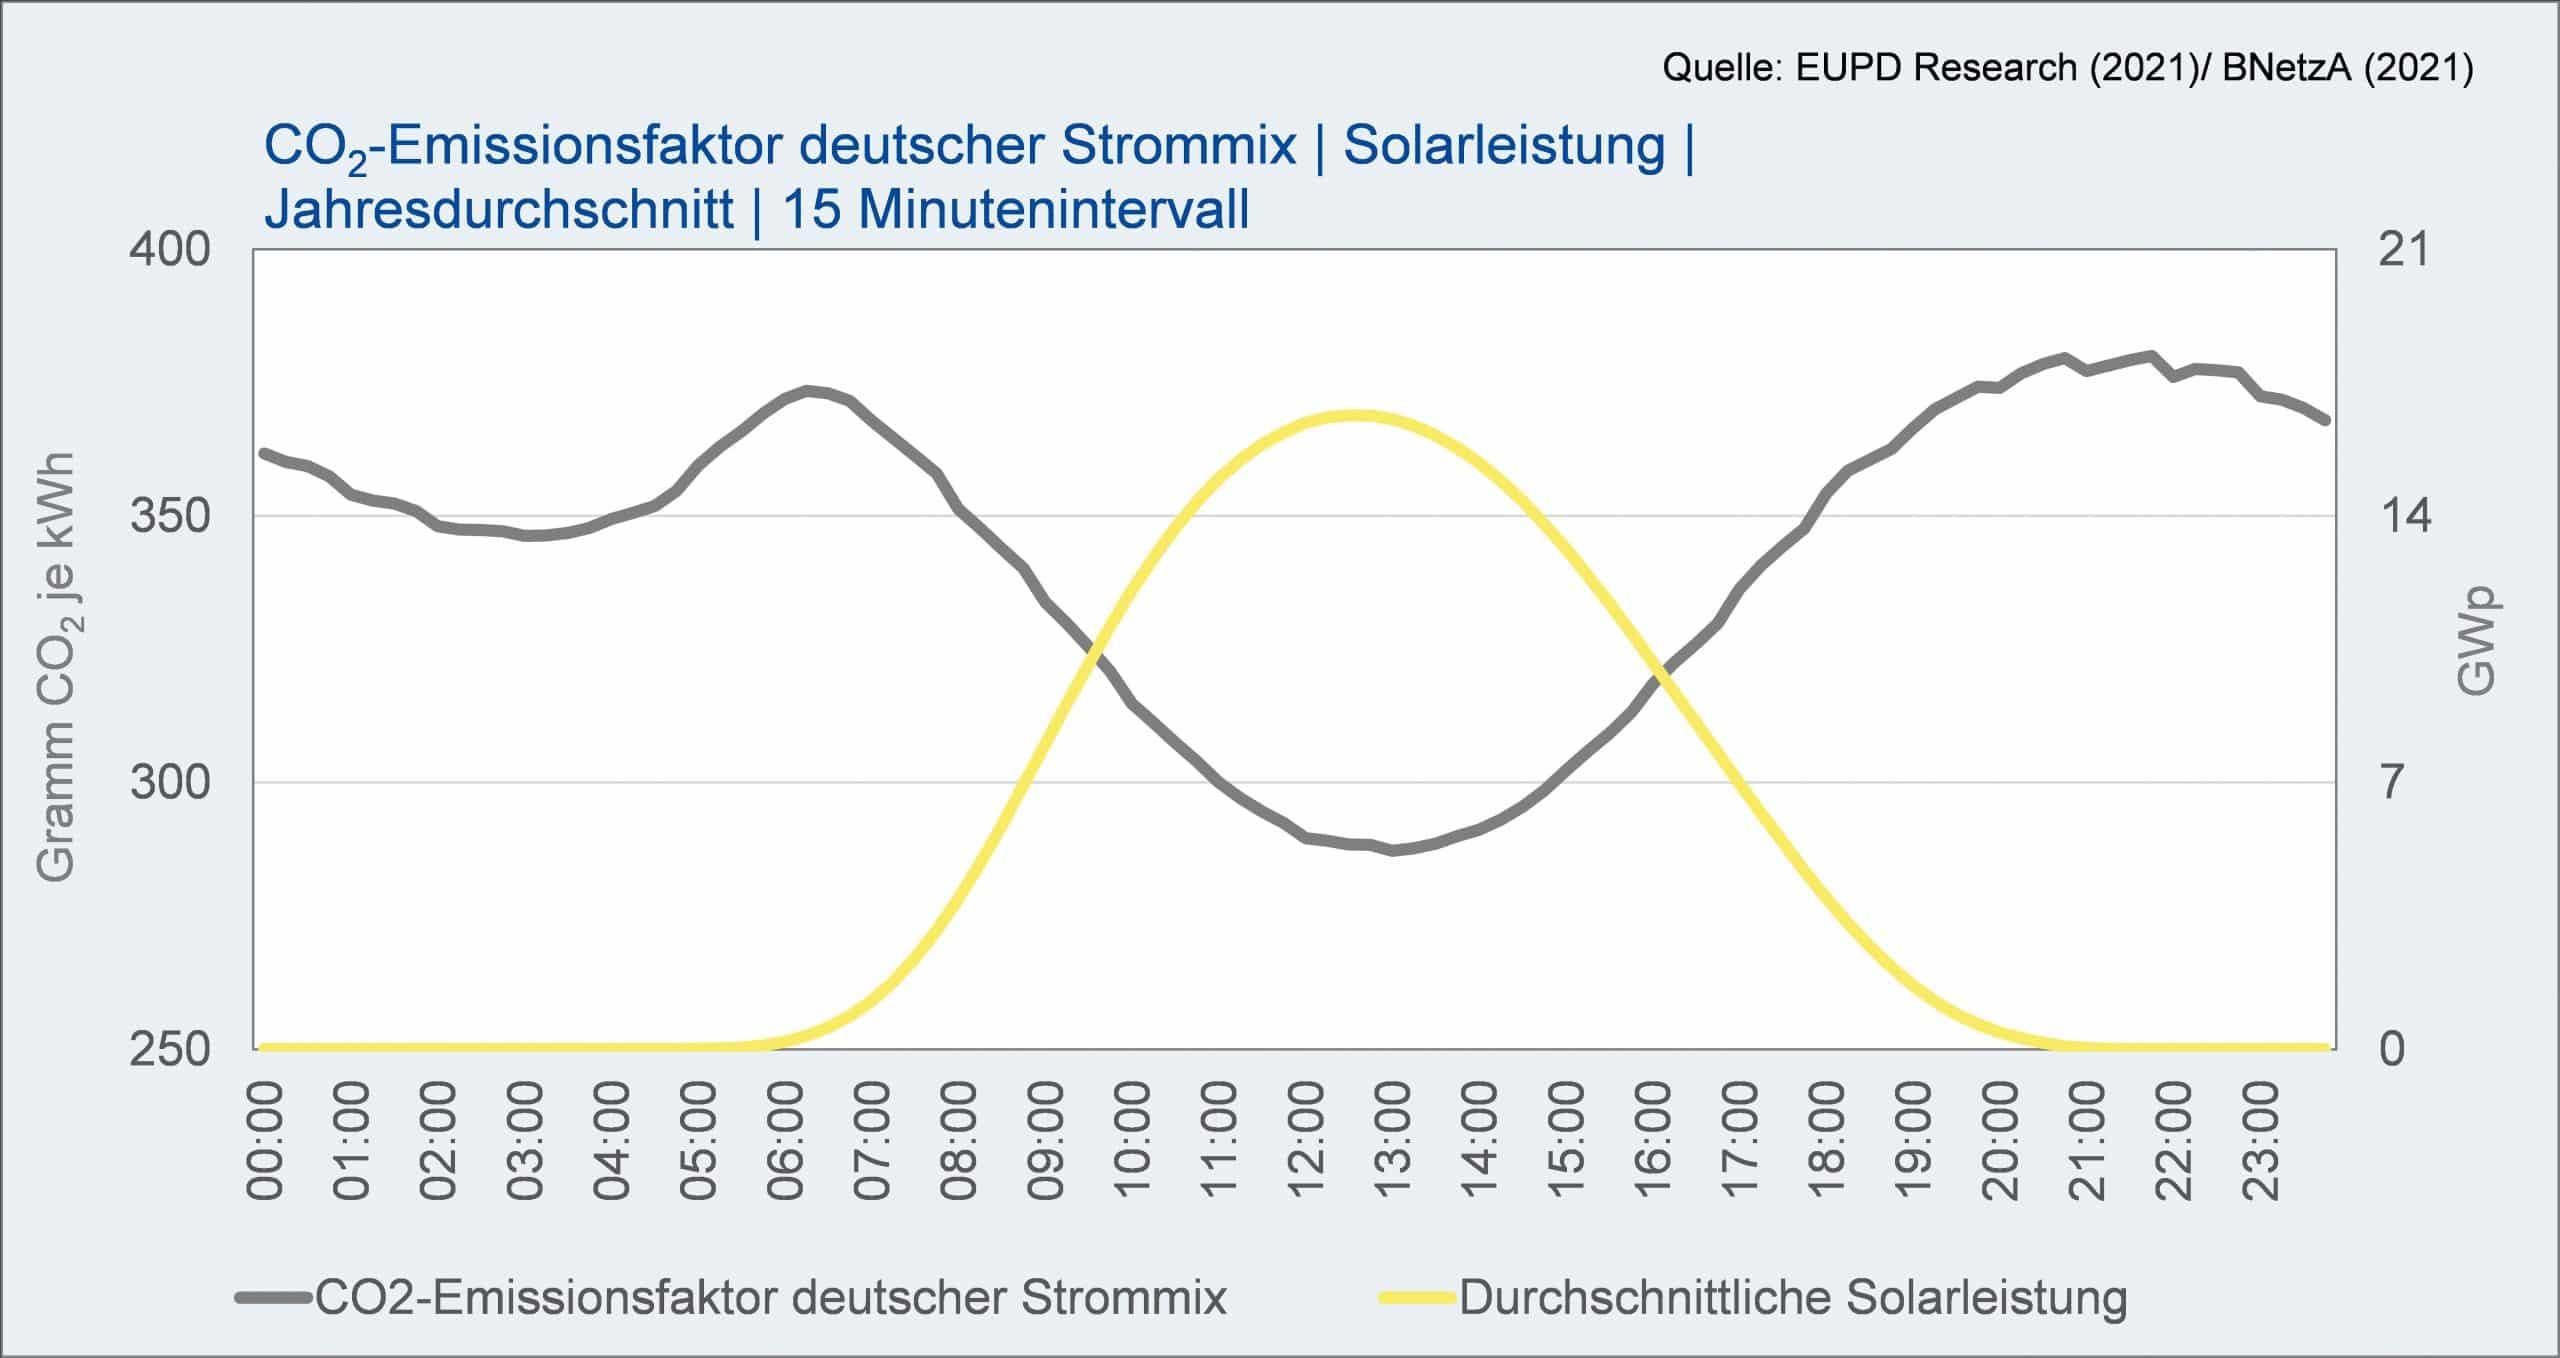 CO2-Emissionsfaktor deutscher Strommix | Solarleistung | Jahresdurchschnitt | 15 Minutenintervall